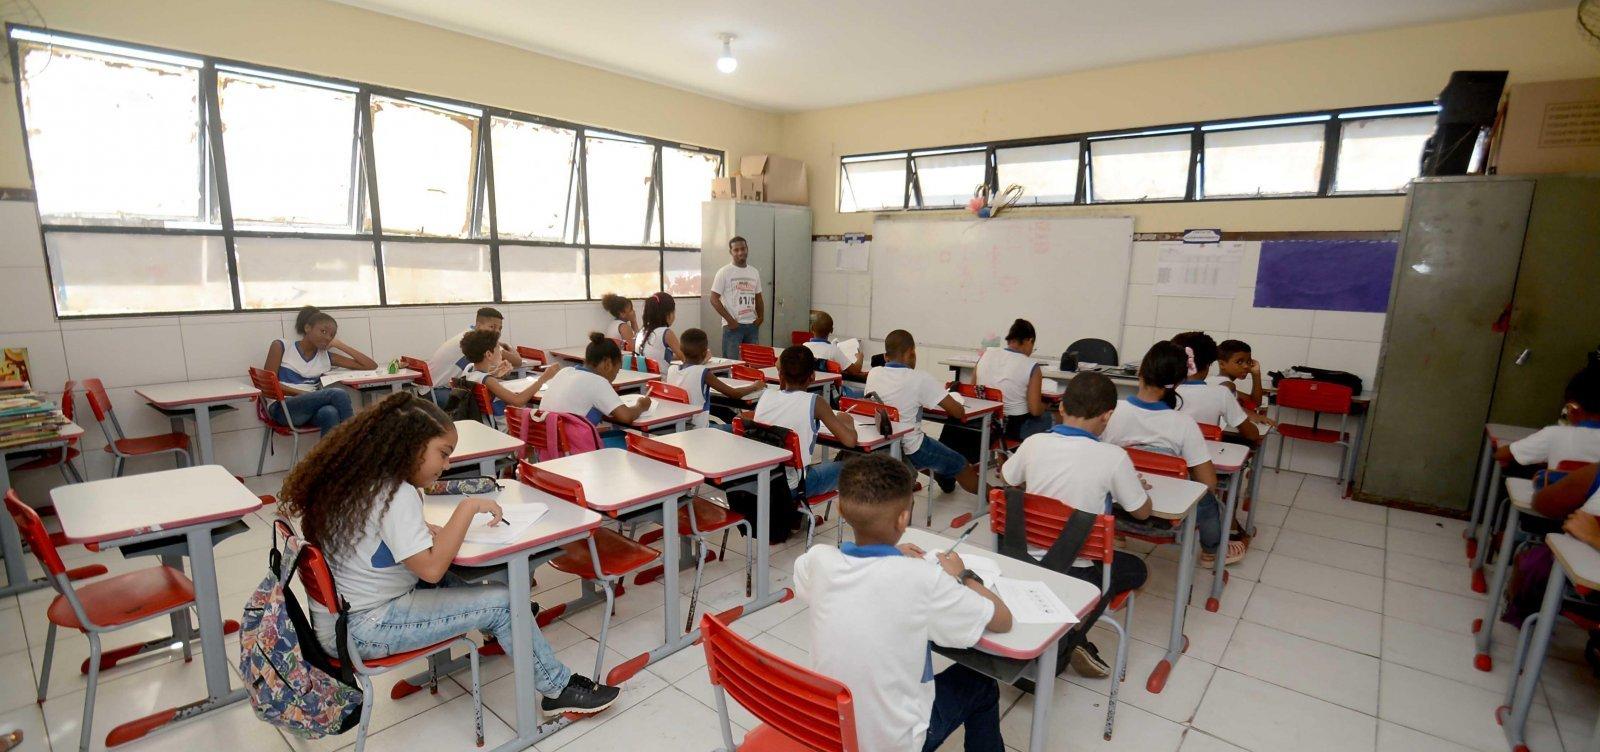 ACM Neto prorroga suspensão das aulas em Salvador por mais 15 dias